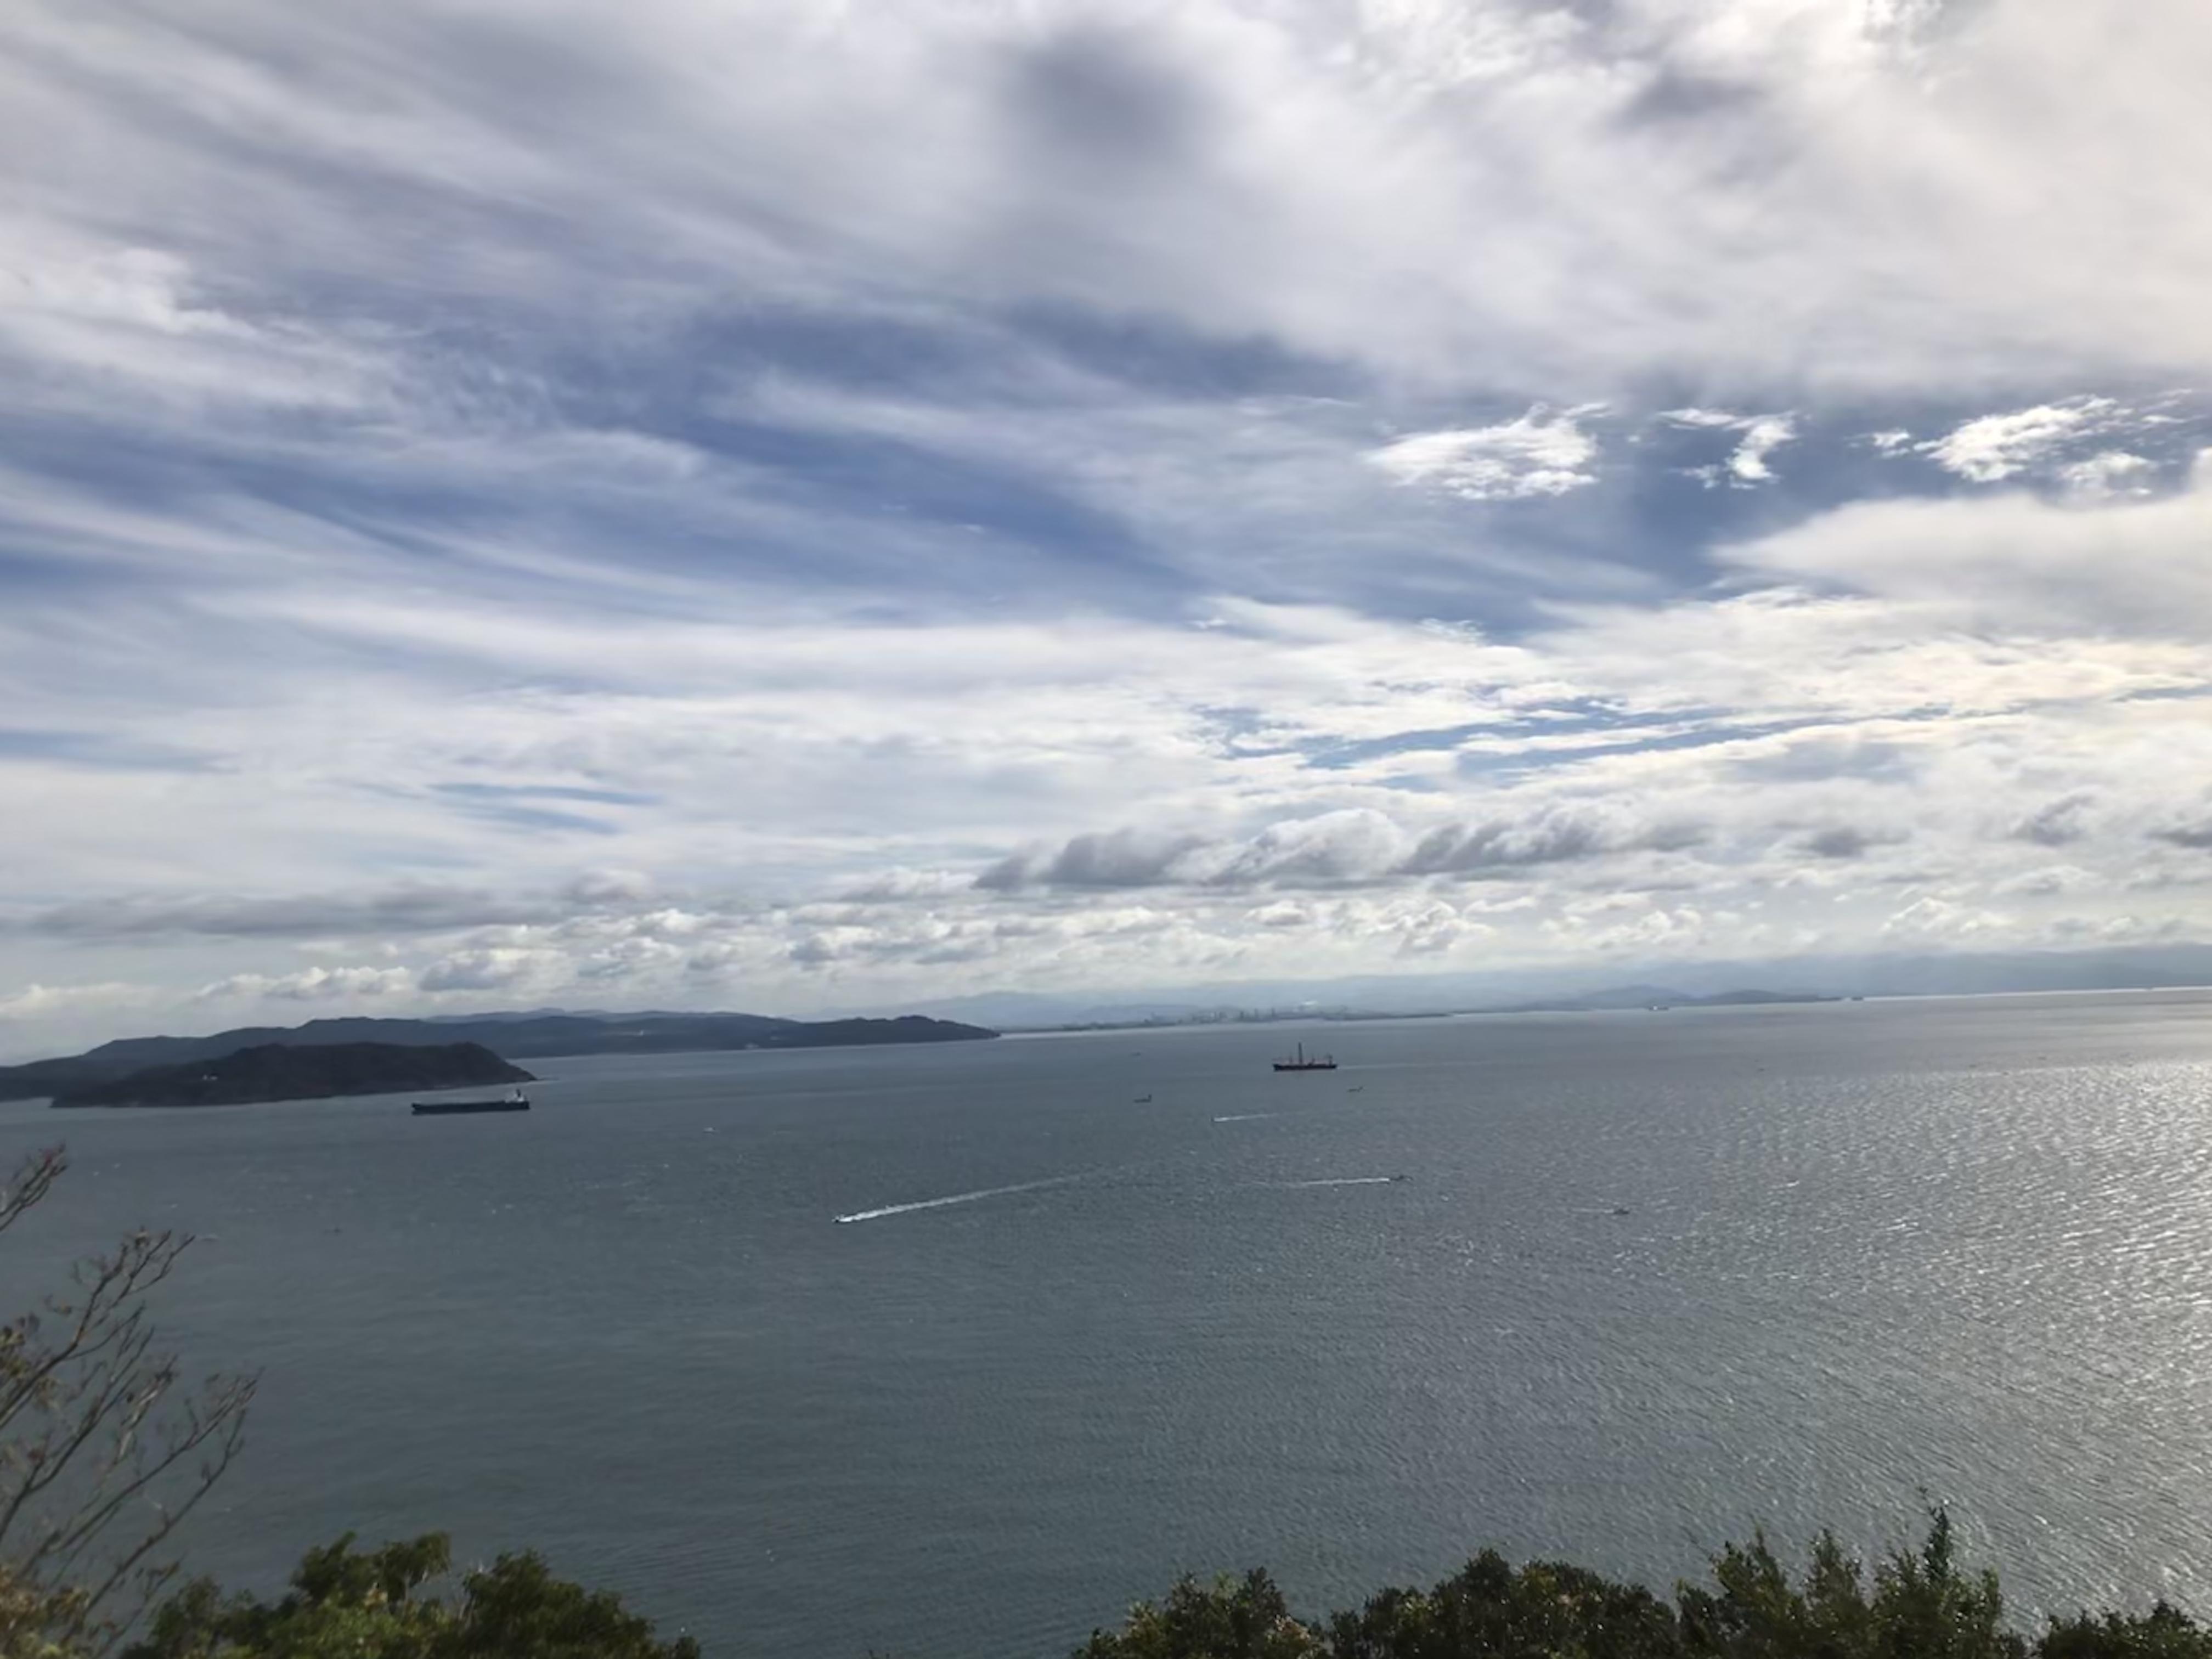 ぴーきち&ダイナ ハーレーで行く 室戸岬 ツーリング 淡路島 生石公園 展望台 絶景